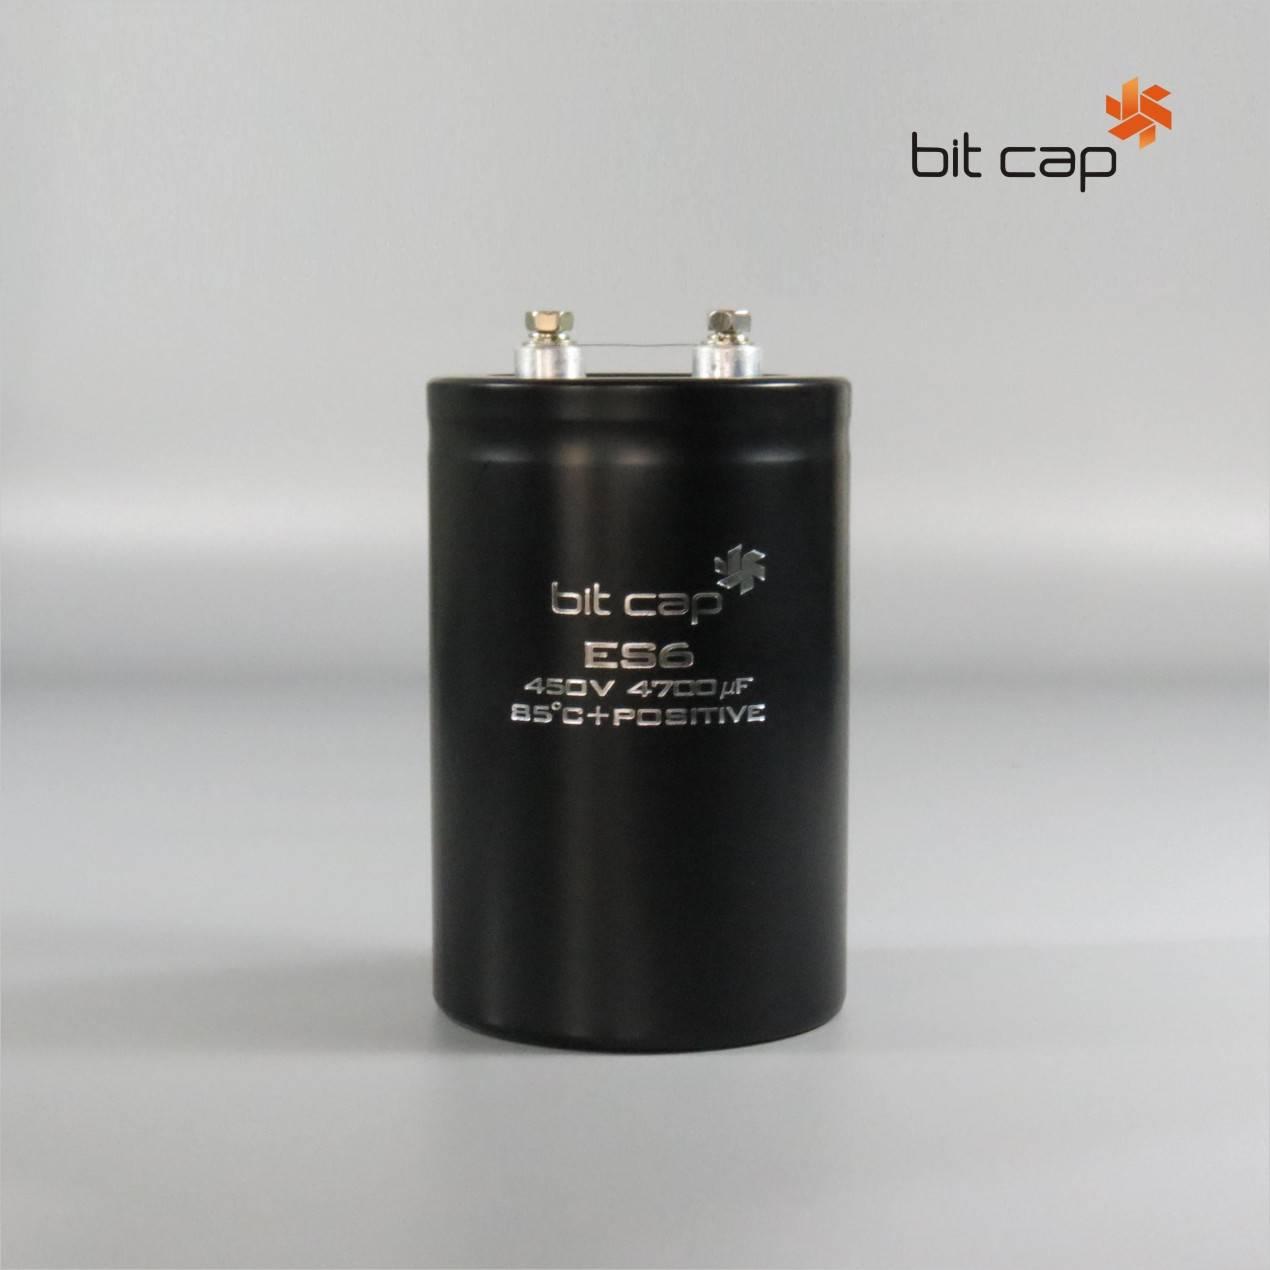 bit cap ES6  450V 4700uF  aluminum electronic capacitors